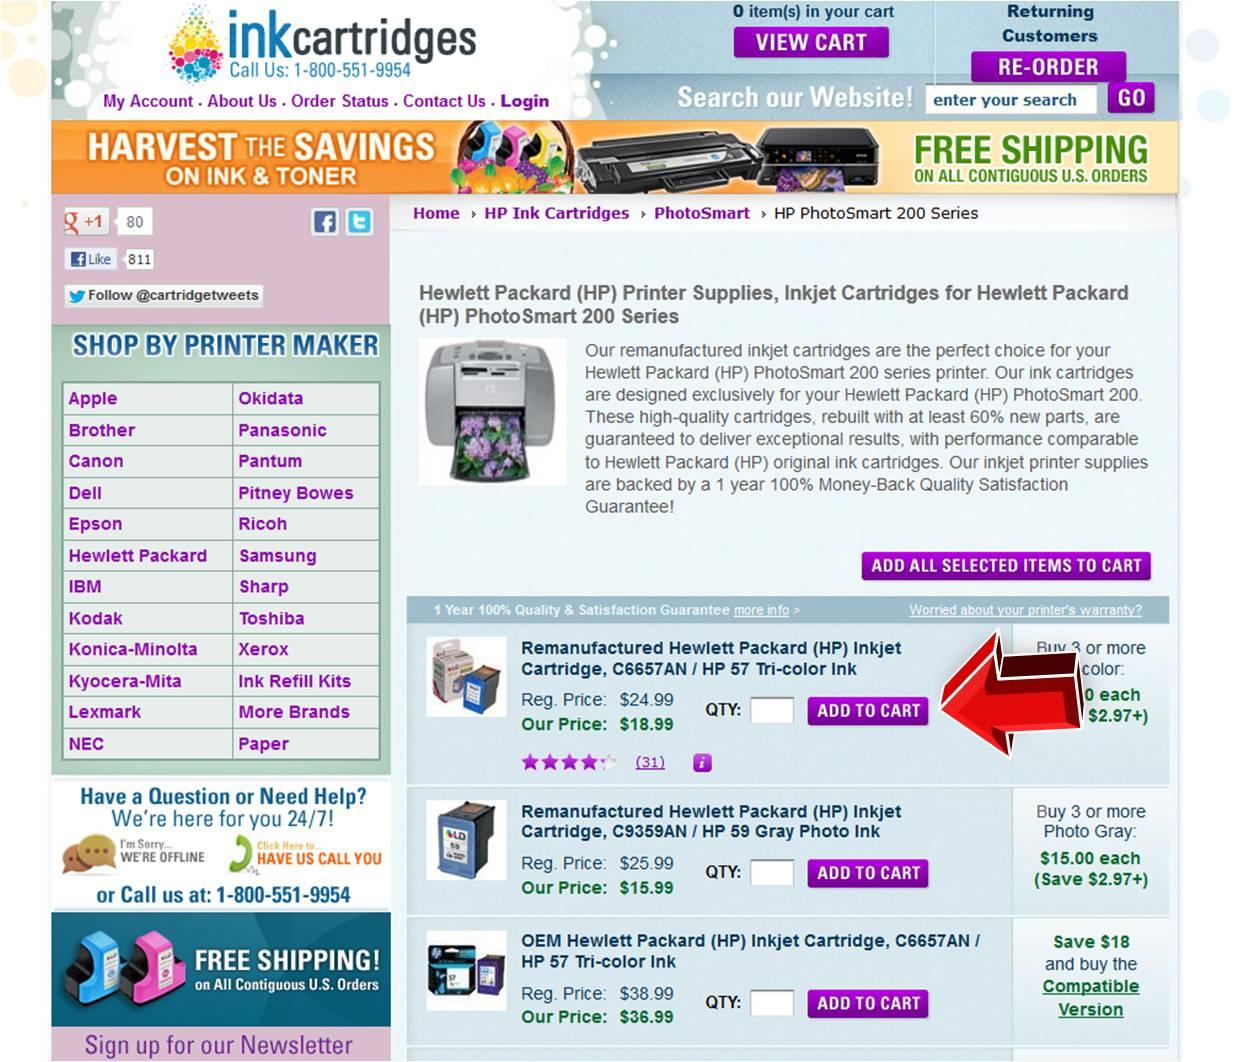 Inkcartridges.com coupon code